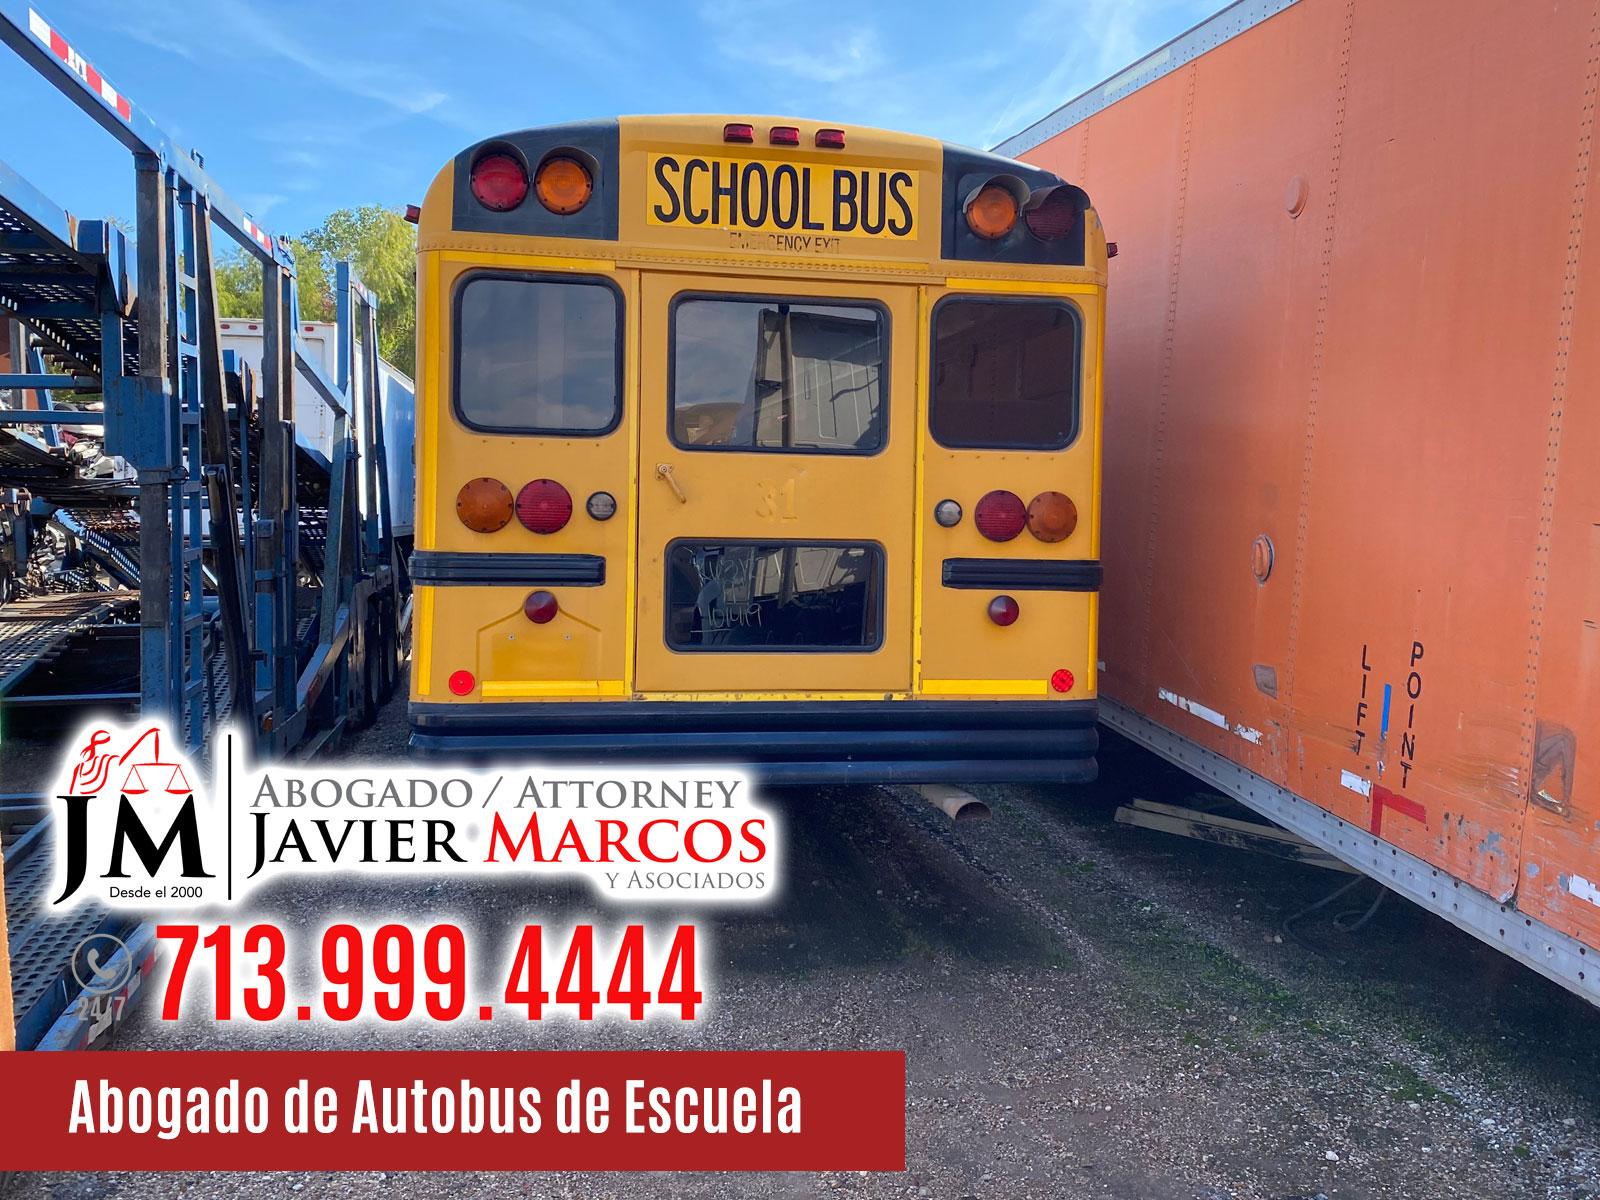 Abogado de Autobus de Escuela | Abogado Javier Marcos | 713.999.4444